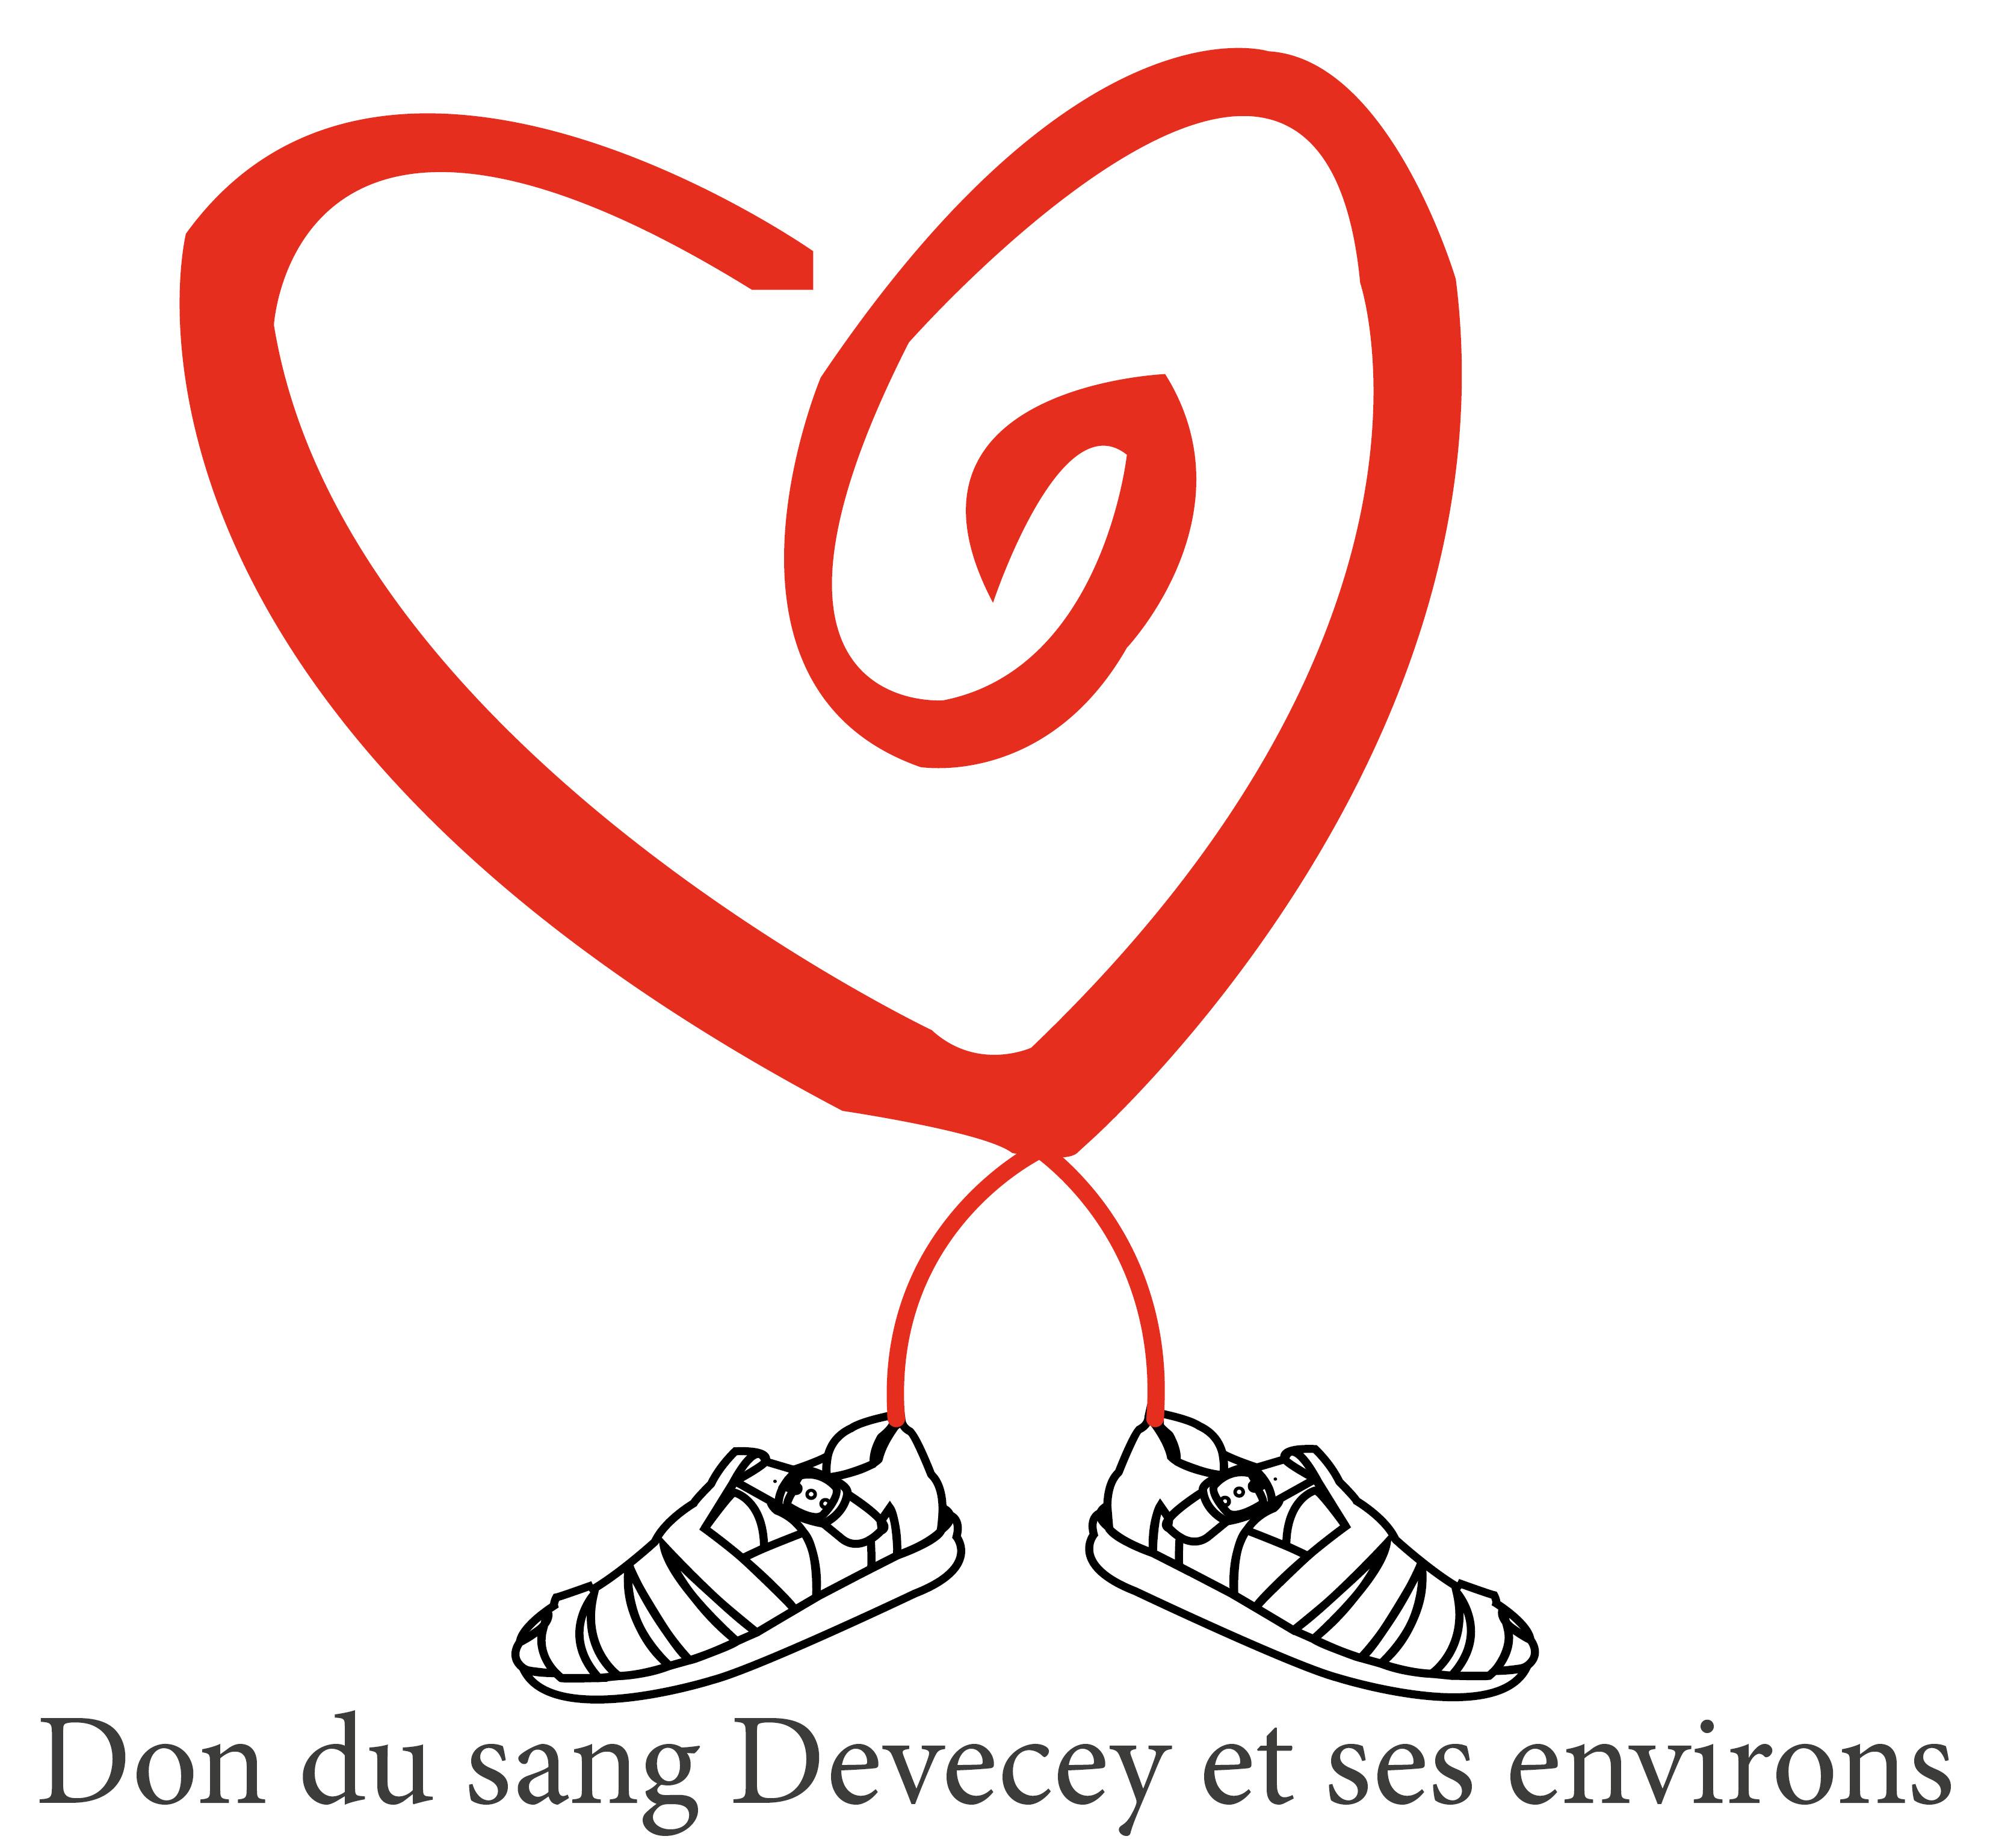 Logo Adsb Devecey.jpg